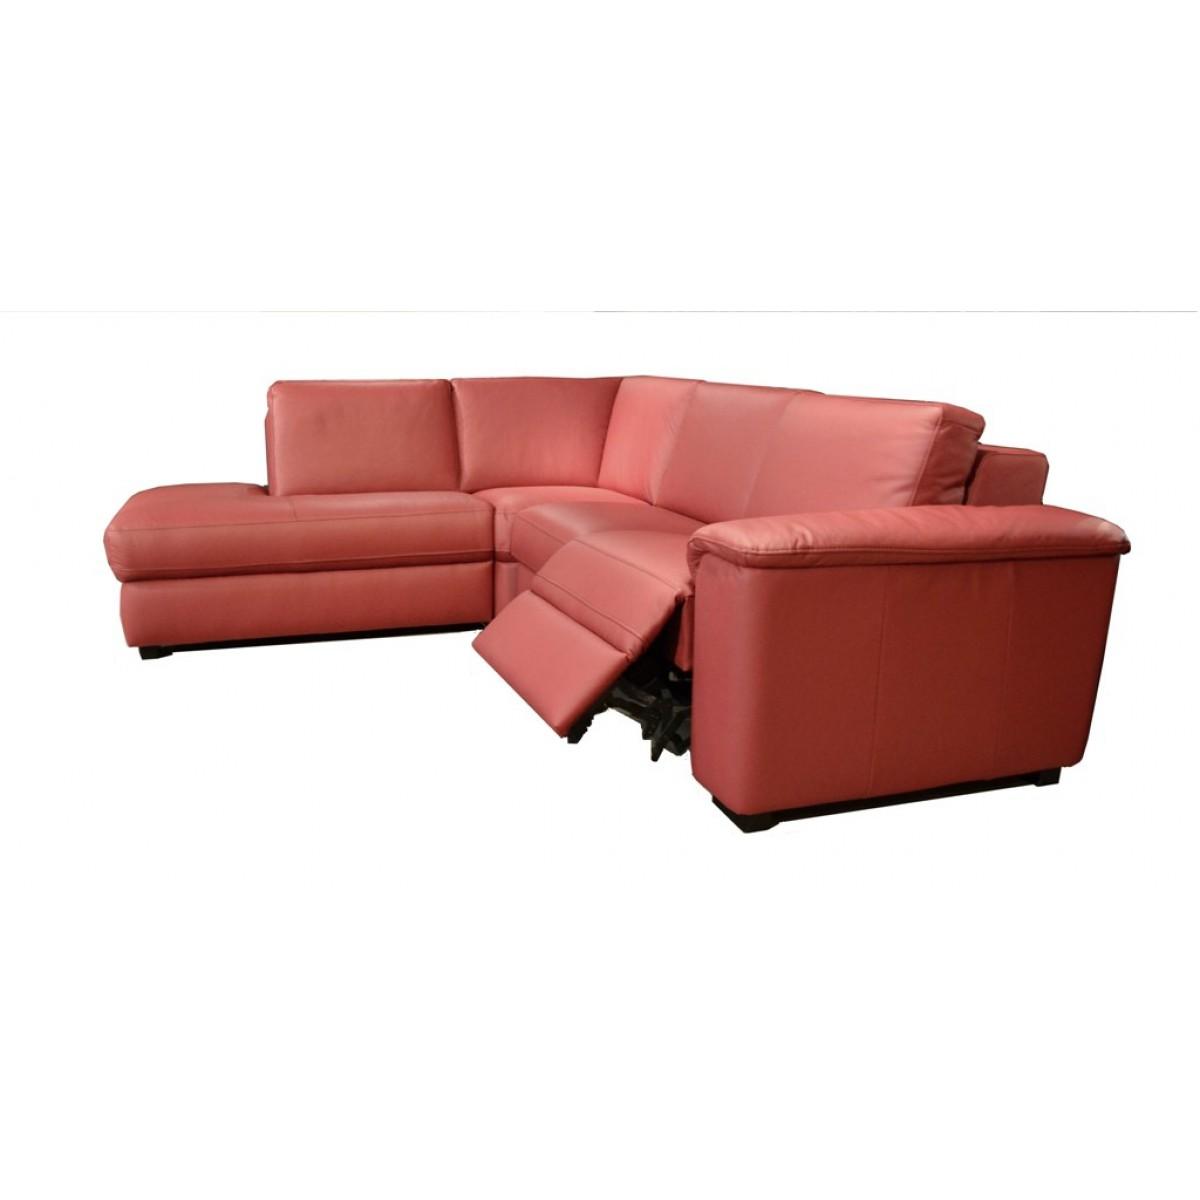 1981-relax-hoekbank-leer-hjort-knudsen-electrische-relaxen-soleda-toledo-red-44-relax